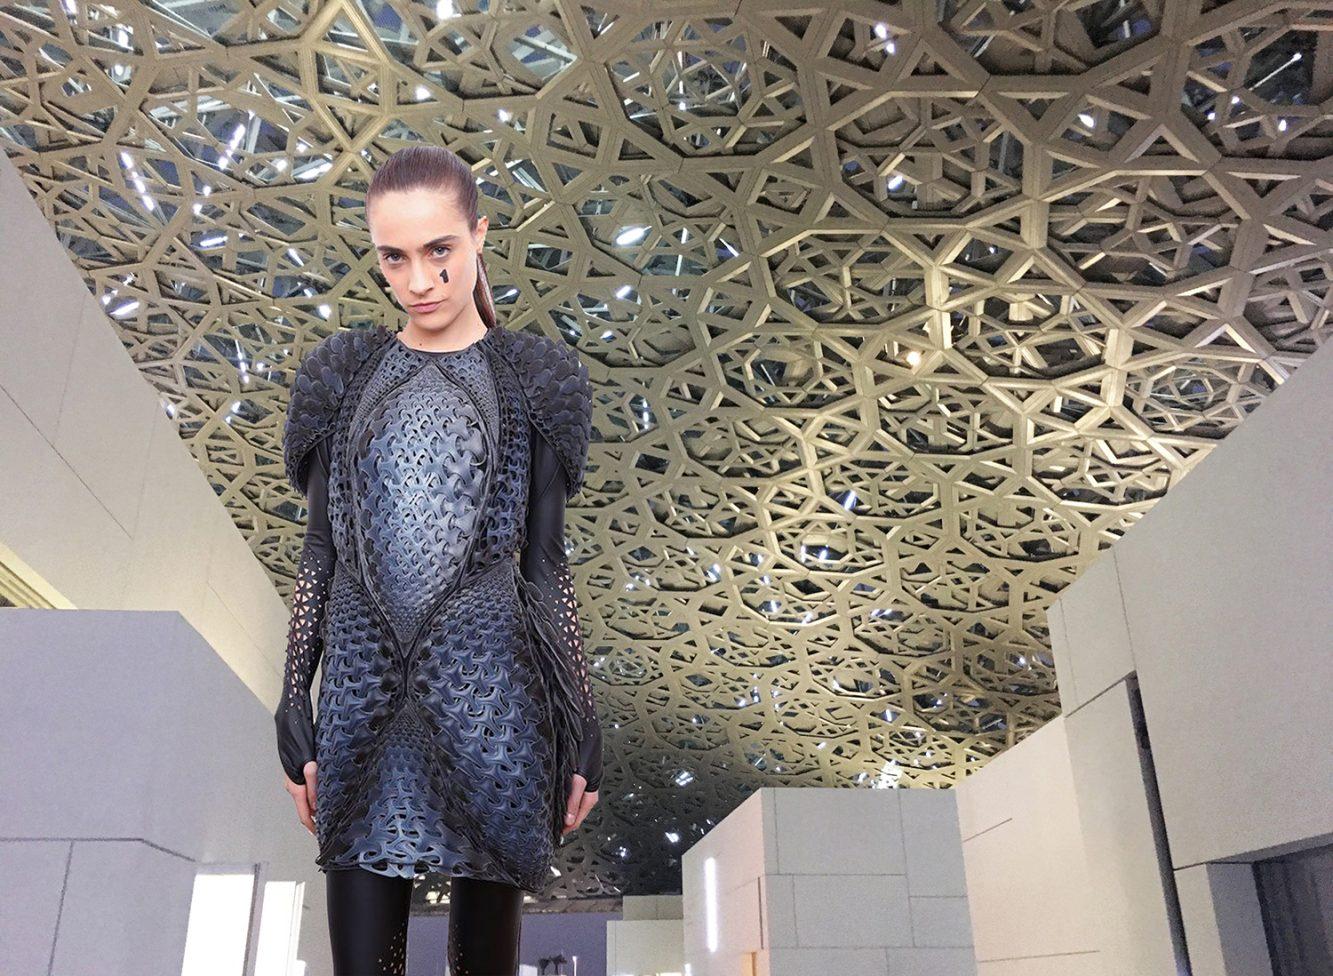 A través de investigaciones de base digital, el estudio de estrategias de diseño generativo y evolutivo en moda y arquitectura es una razón para que surjan sinergias en los dos campos. La cúpula del Museo del Louvre en Abu Dhabi, Emiratos Árabes Unidos, diseñada por Jean Nouvel y el vestido en 3D Pangolin de la colección de diseñadores Threeasfour AW16 comparten el mismo patrón.